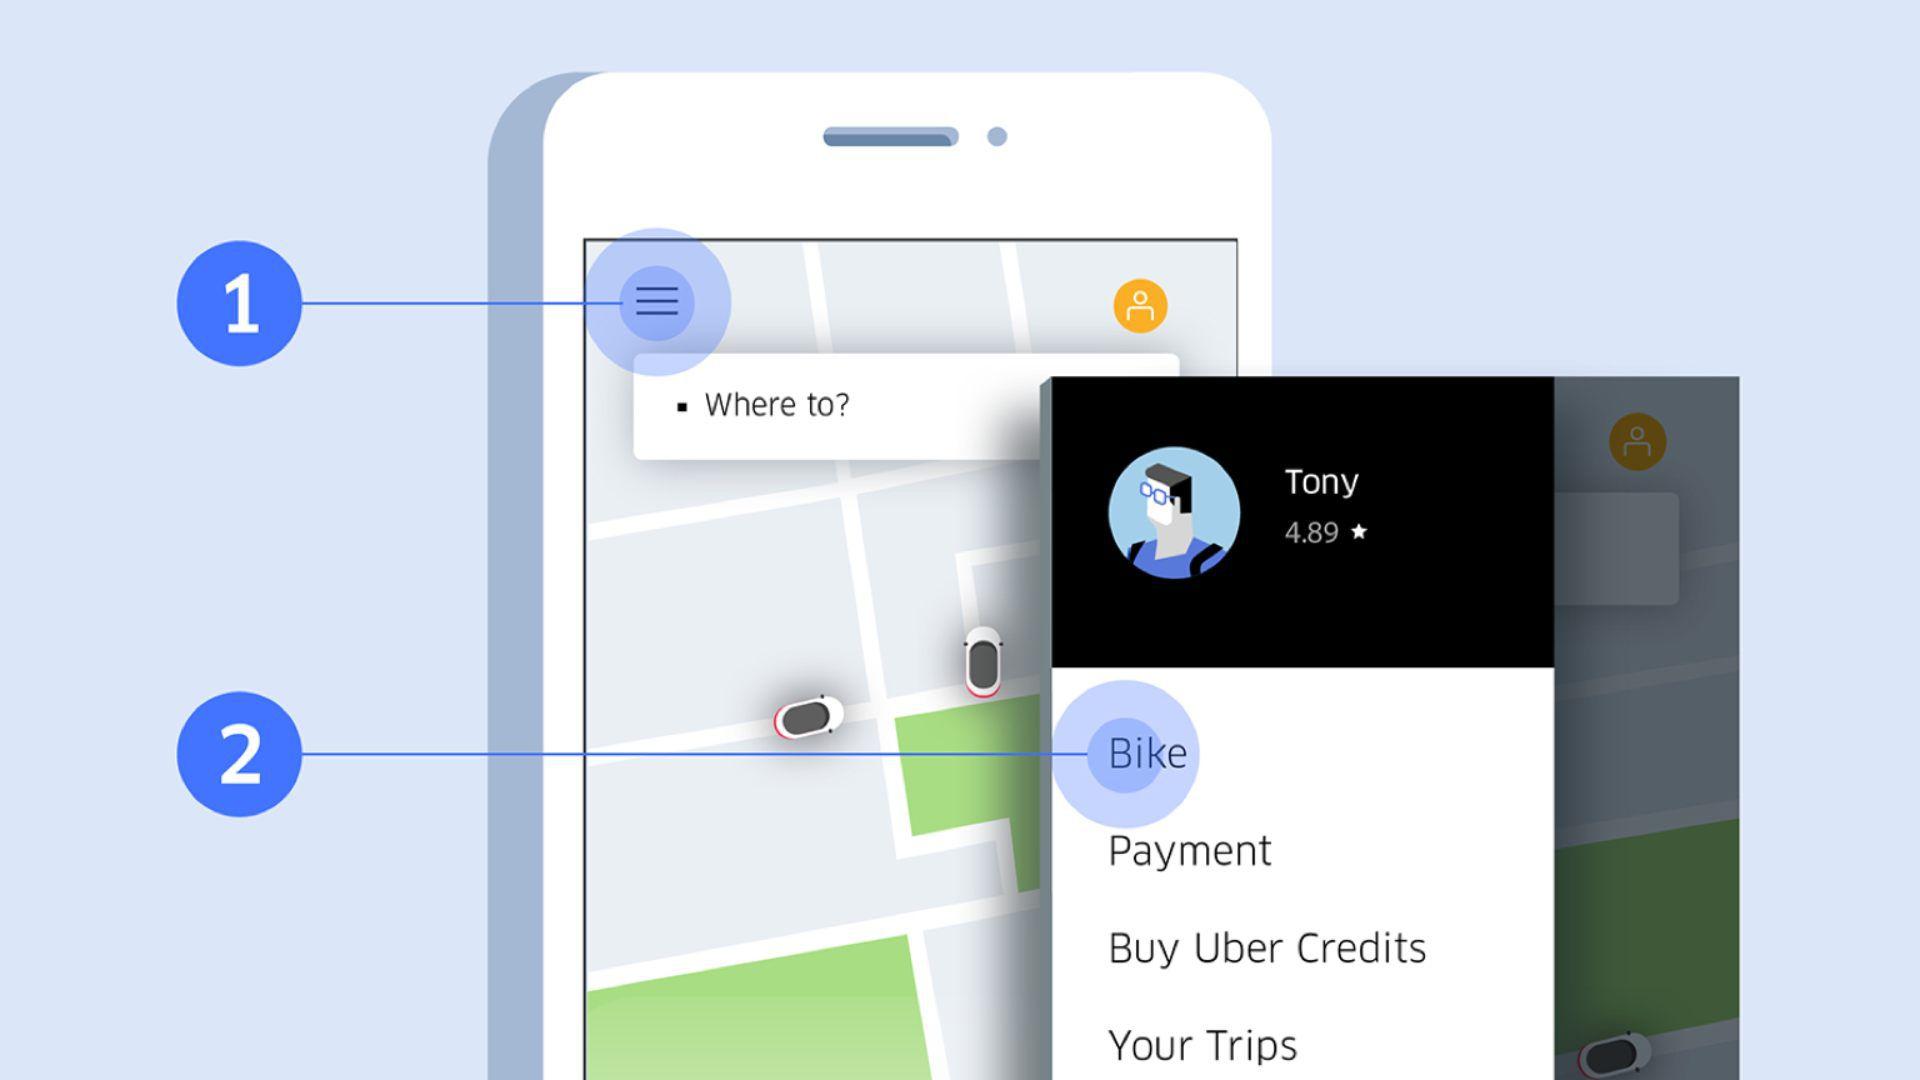 La misma aplicación que se usa para hacer viajes en autos servirá para usar las bicicletas sin anclaje (Foto: Uber)